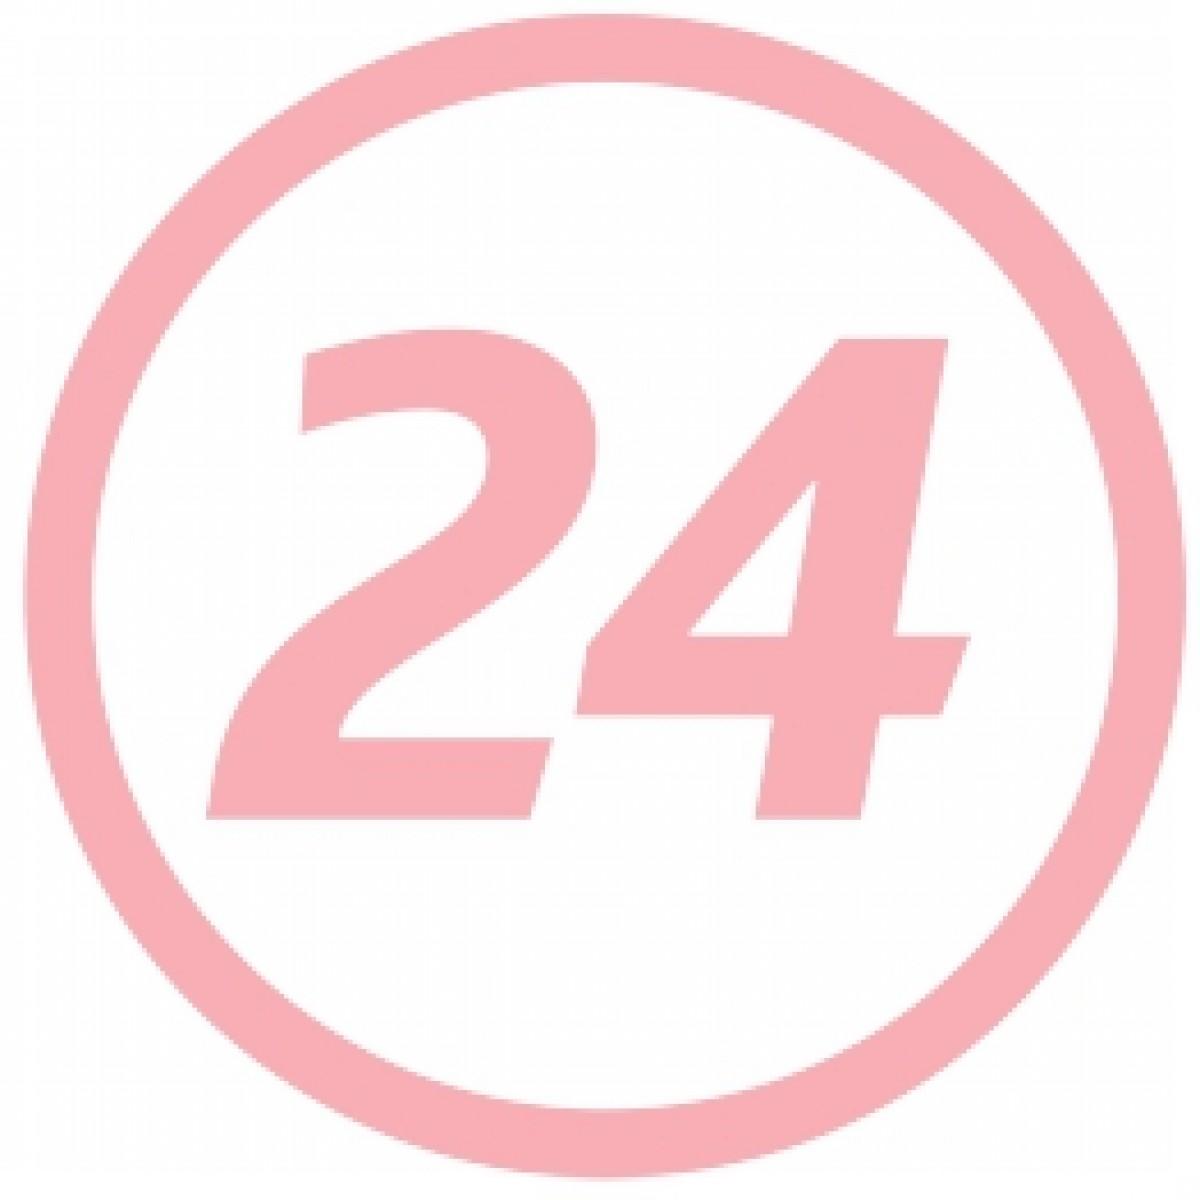 MUSTELA Stelatria® Cremă Dermo-Reparatoare pentru Piele Iritată, Cremă, 40ml